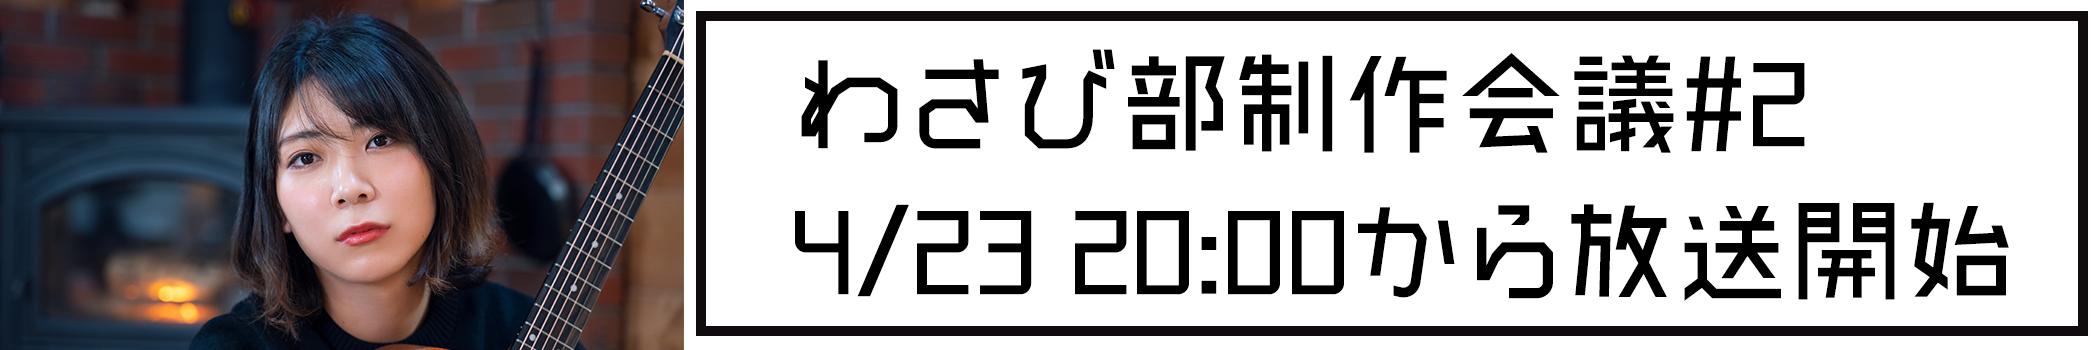 Seisaku_banner_2